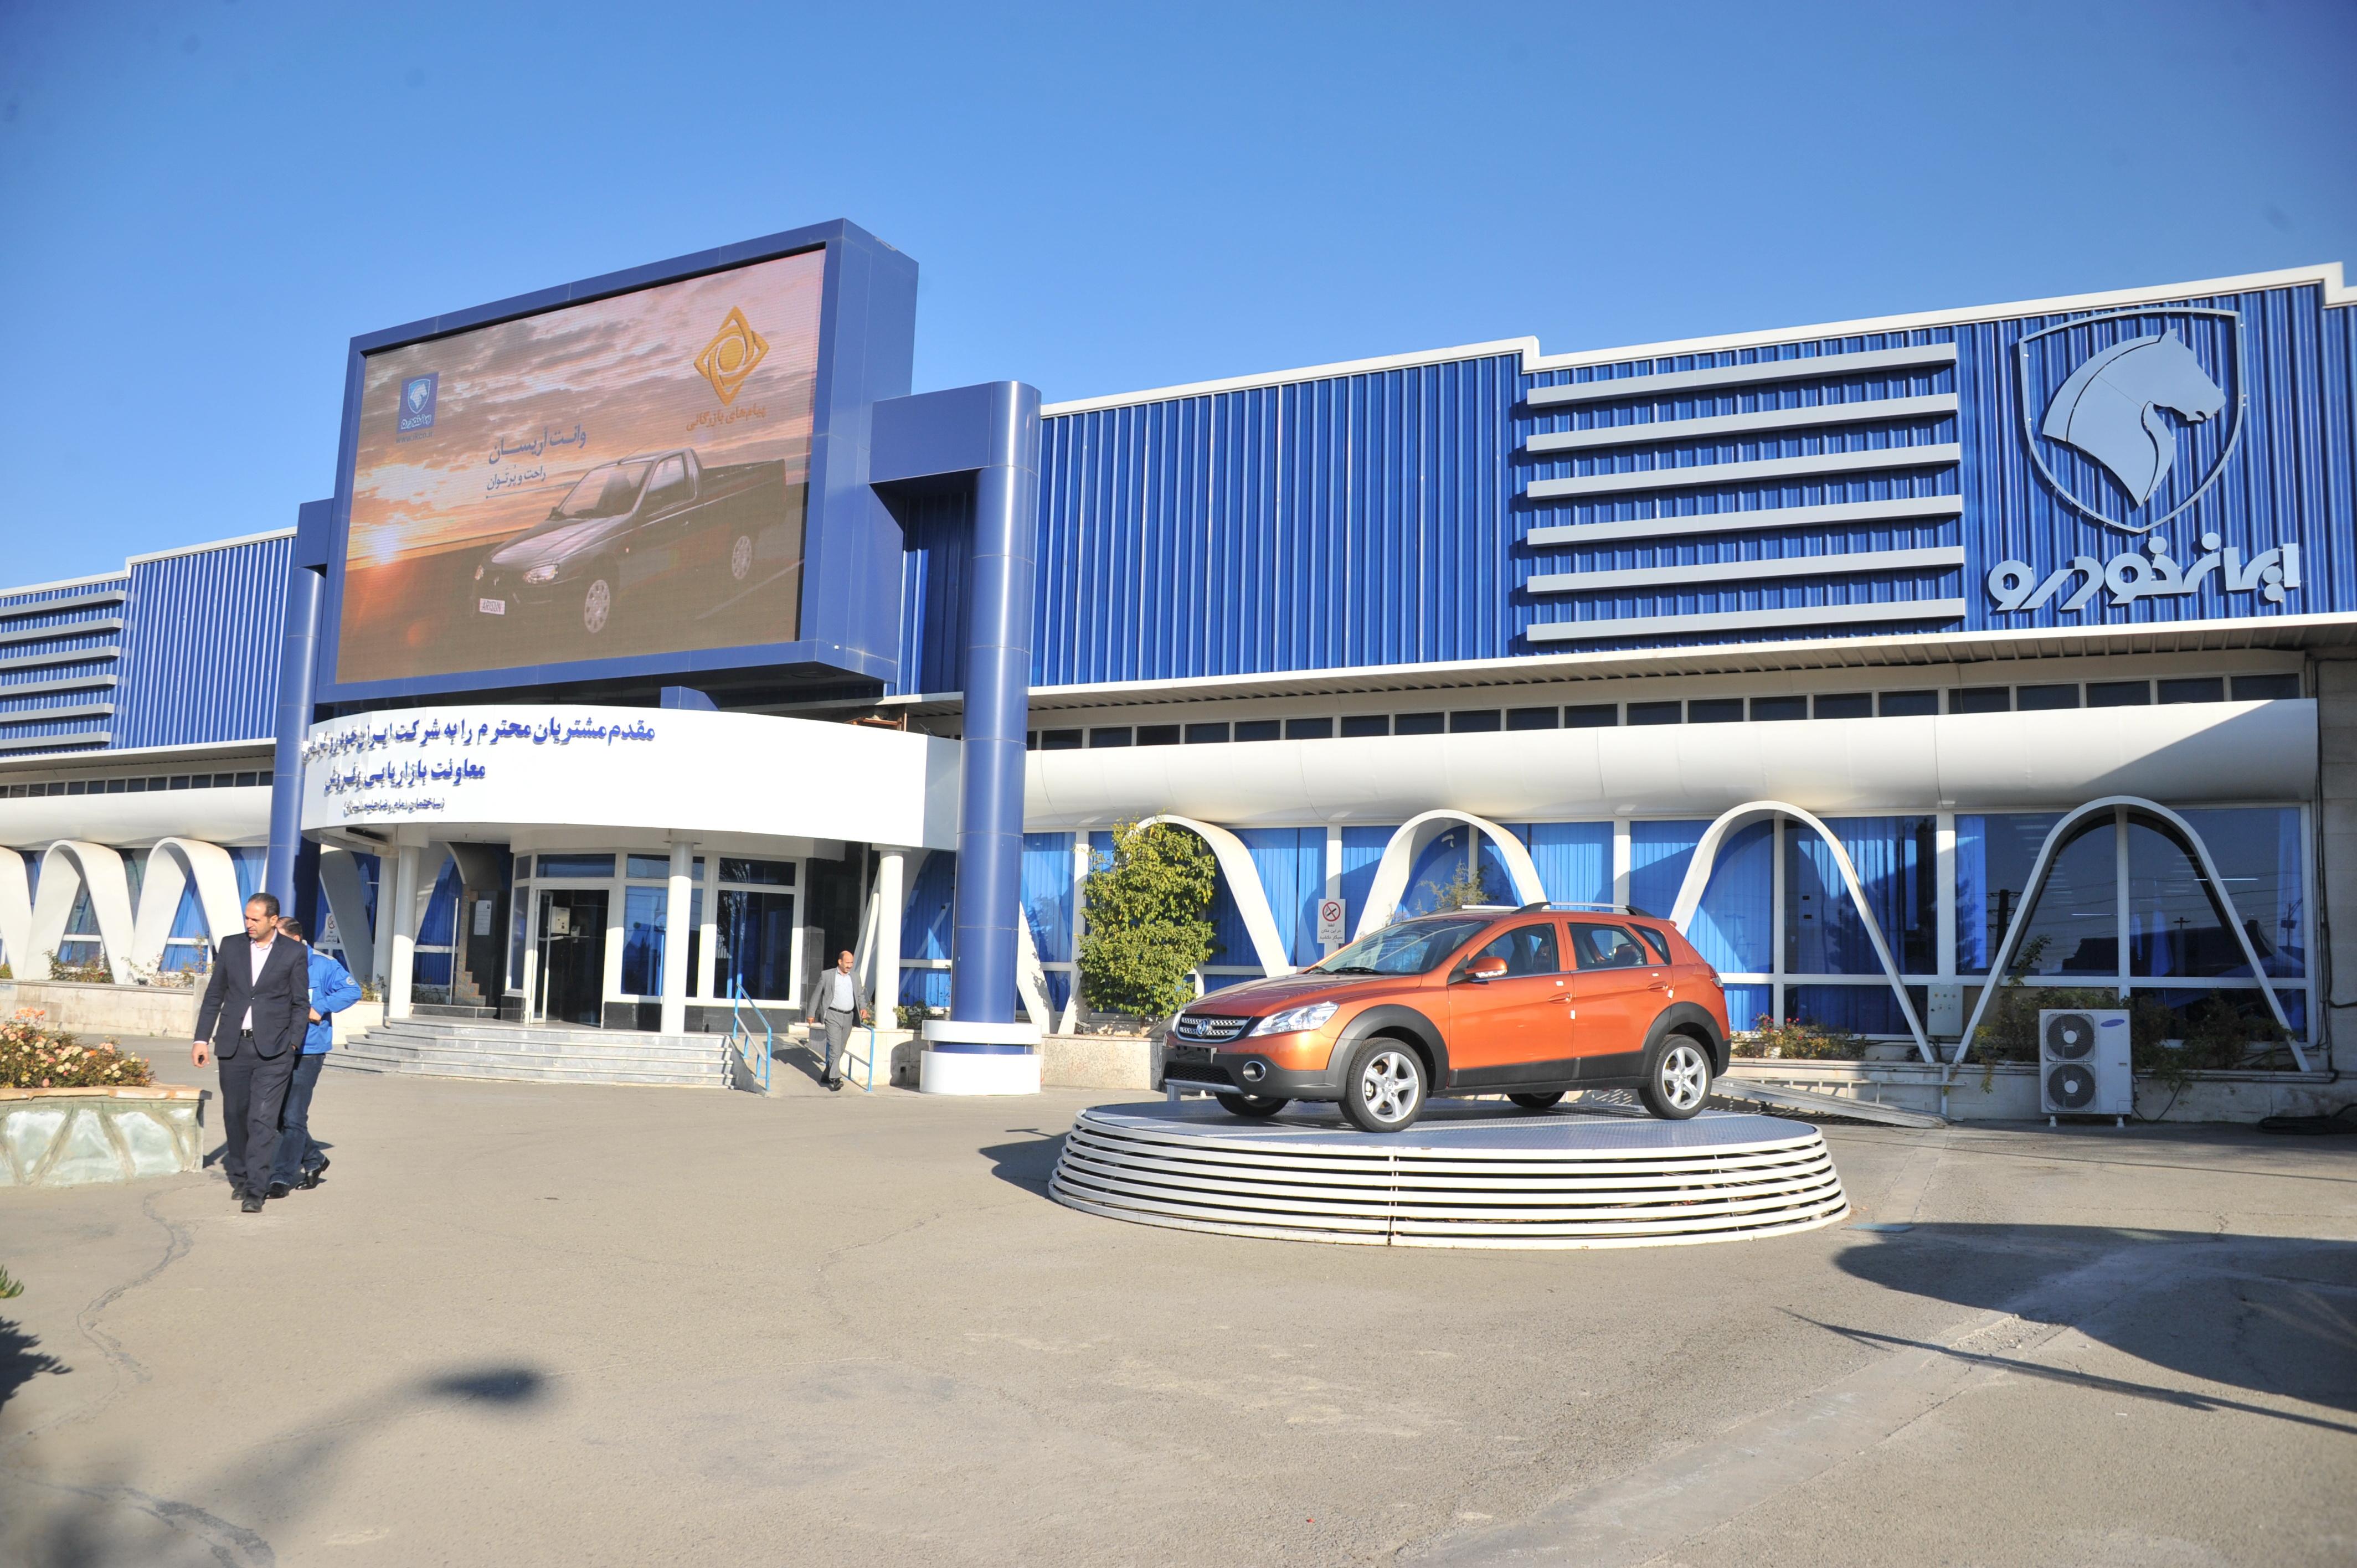 ارایه غیرحضوری خدمات فروش ایران خودرو به مشتریان برای مقابله با شیوع ویروس کرونا